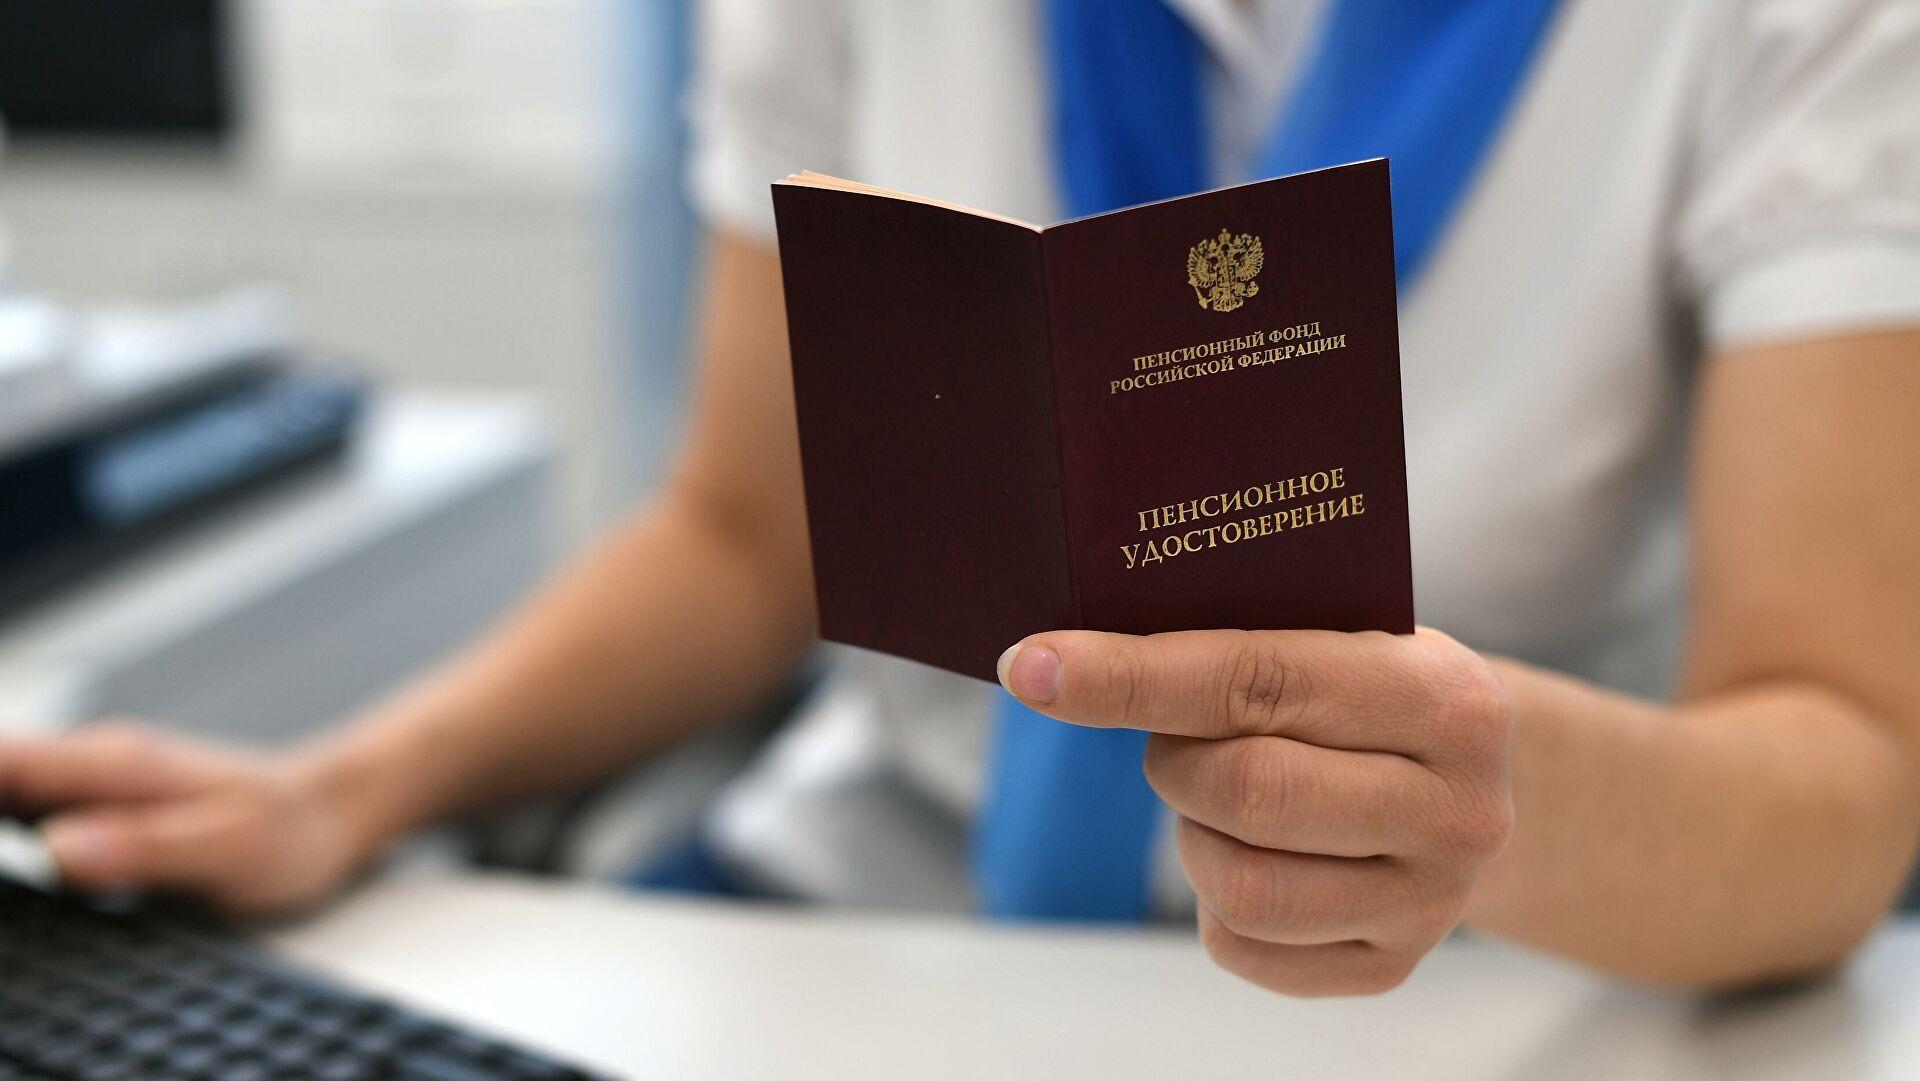 В Госдуме назвали профессии, которым не будут выплачивать пенсии